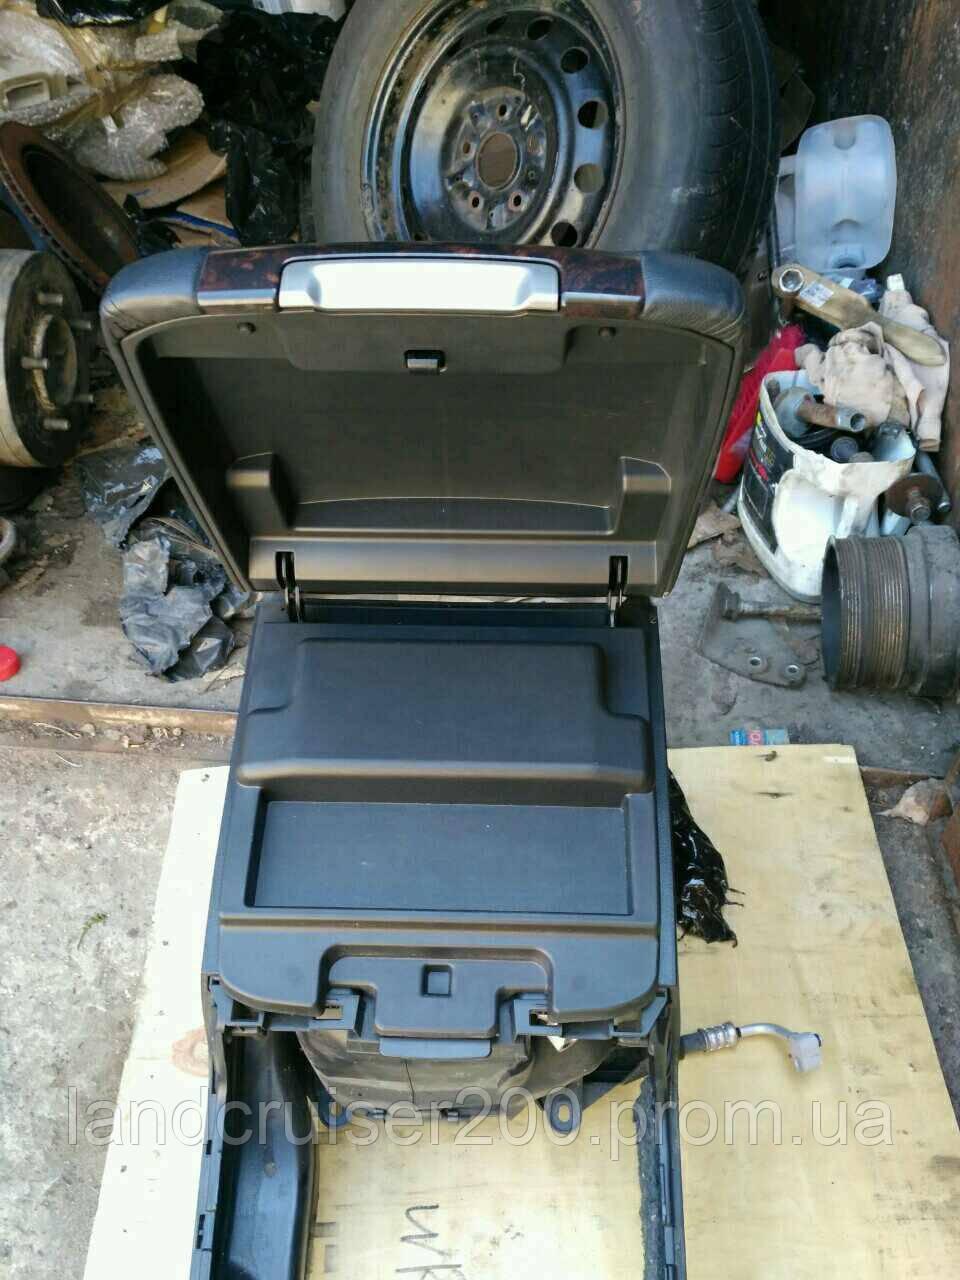 Центральная консоль с холодильником Toyota Land Cruiser 200